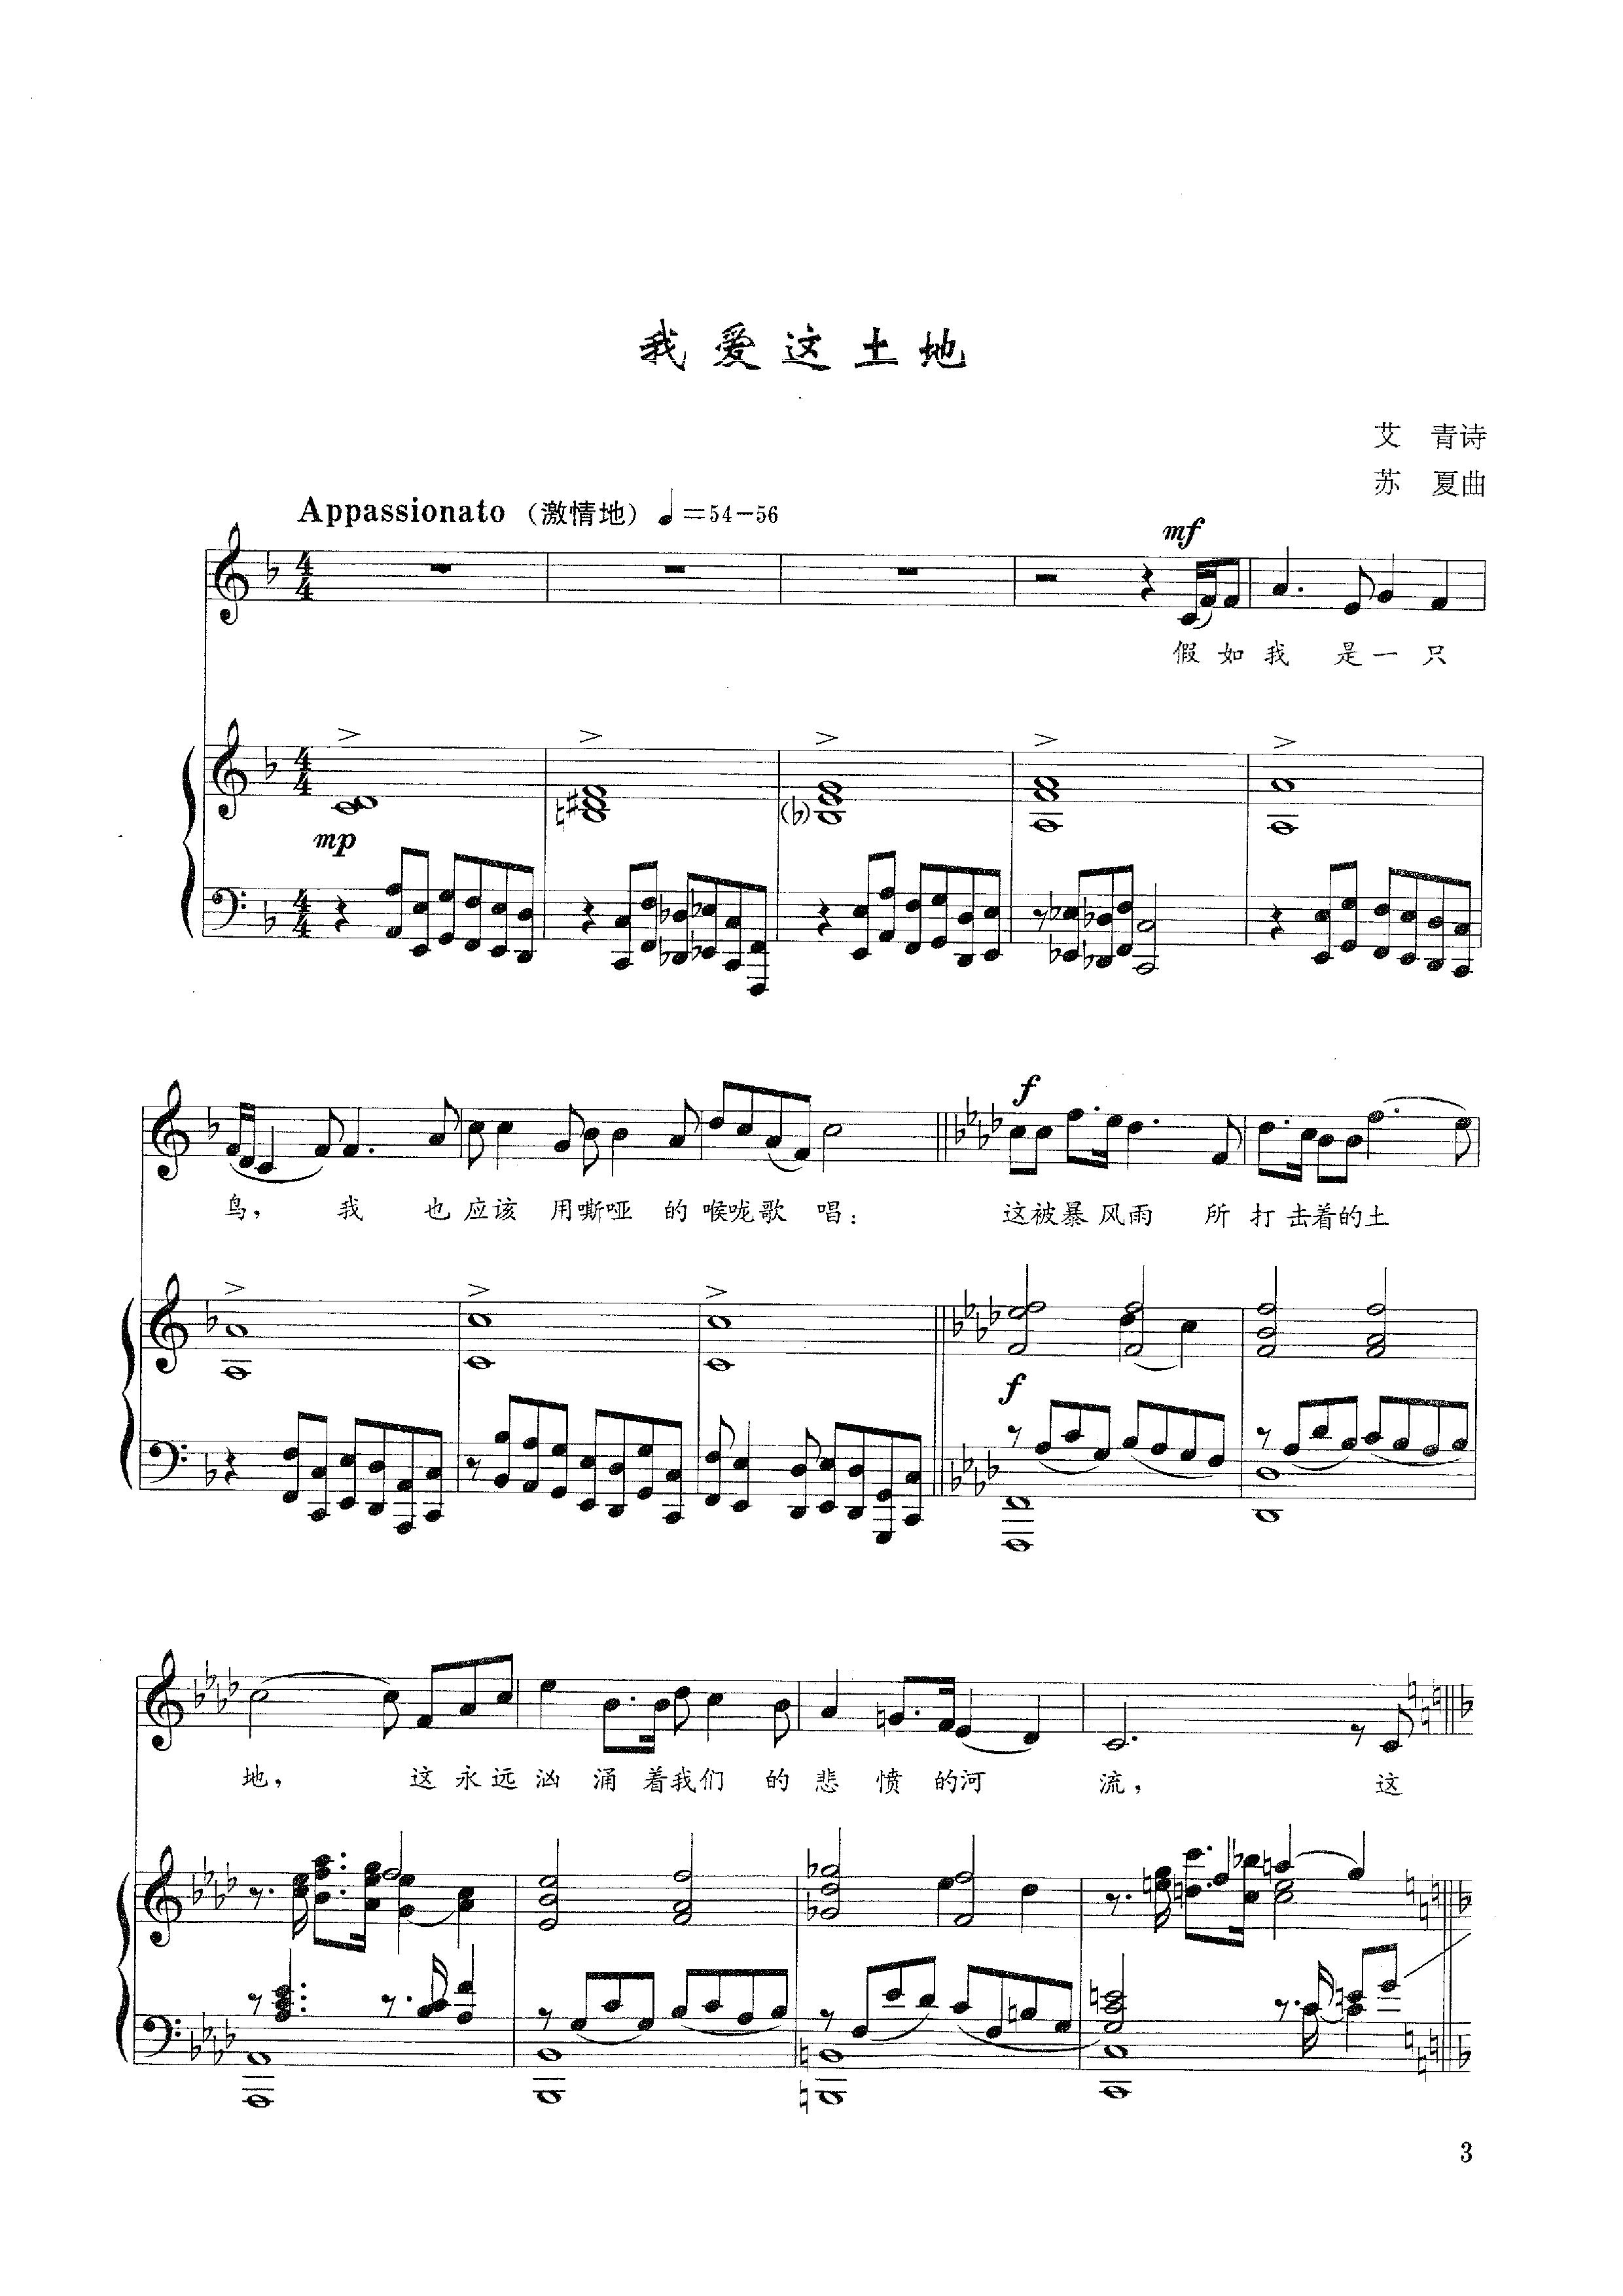 F调的五线谱钢琴伴奏正谱哪里可以买到啊,弟弟升中考特长考